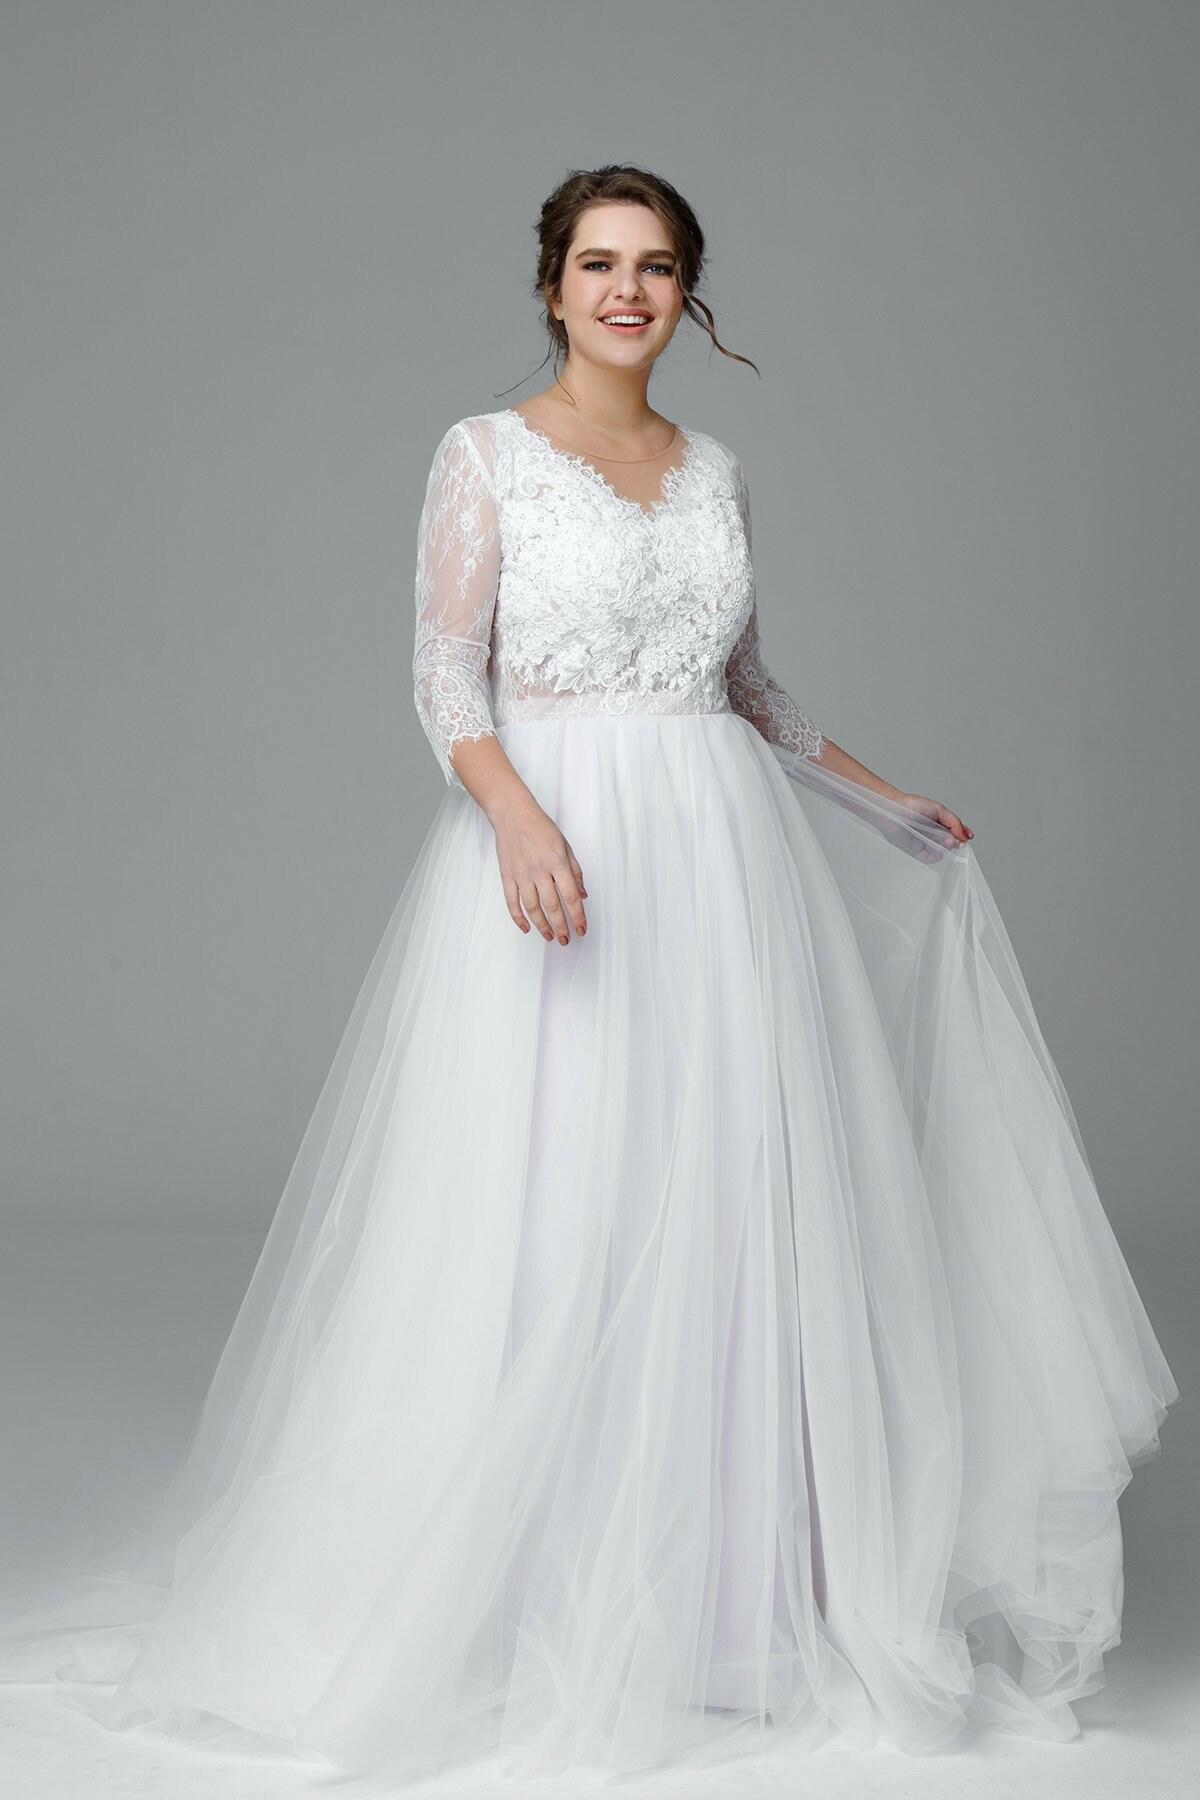 Plus size long sleeve wedding dress, Lace wedding dress, Made to measure  wedding dress, Simple wedding dress, Romantic, Bridal Gown VIVIENNE